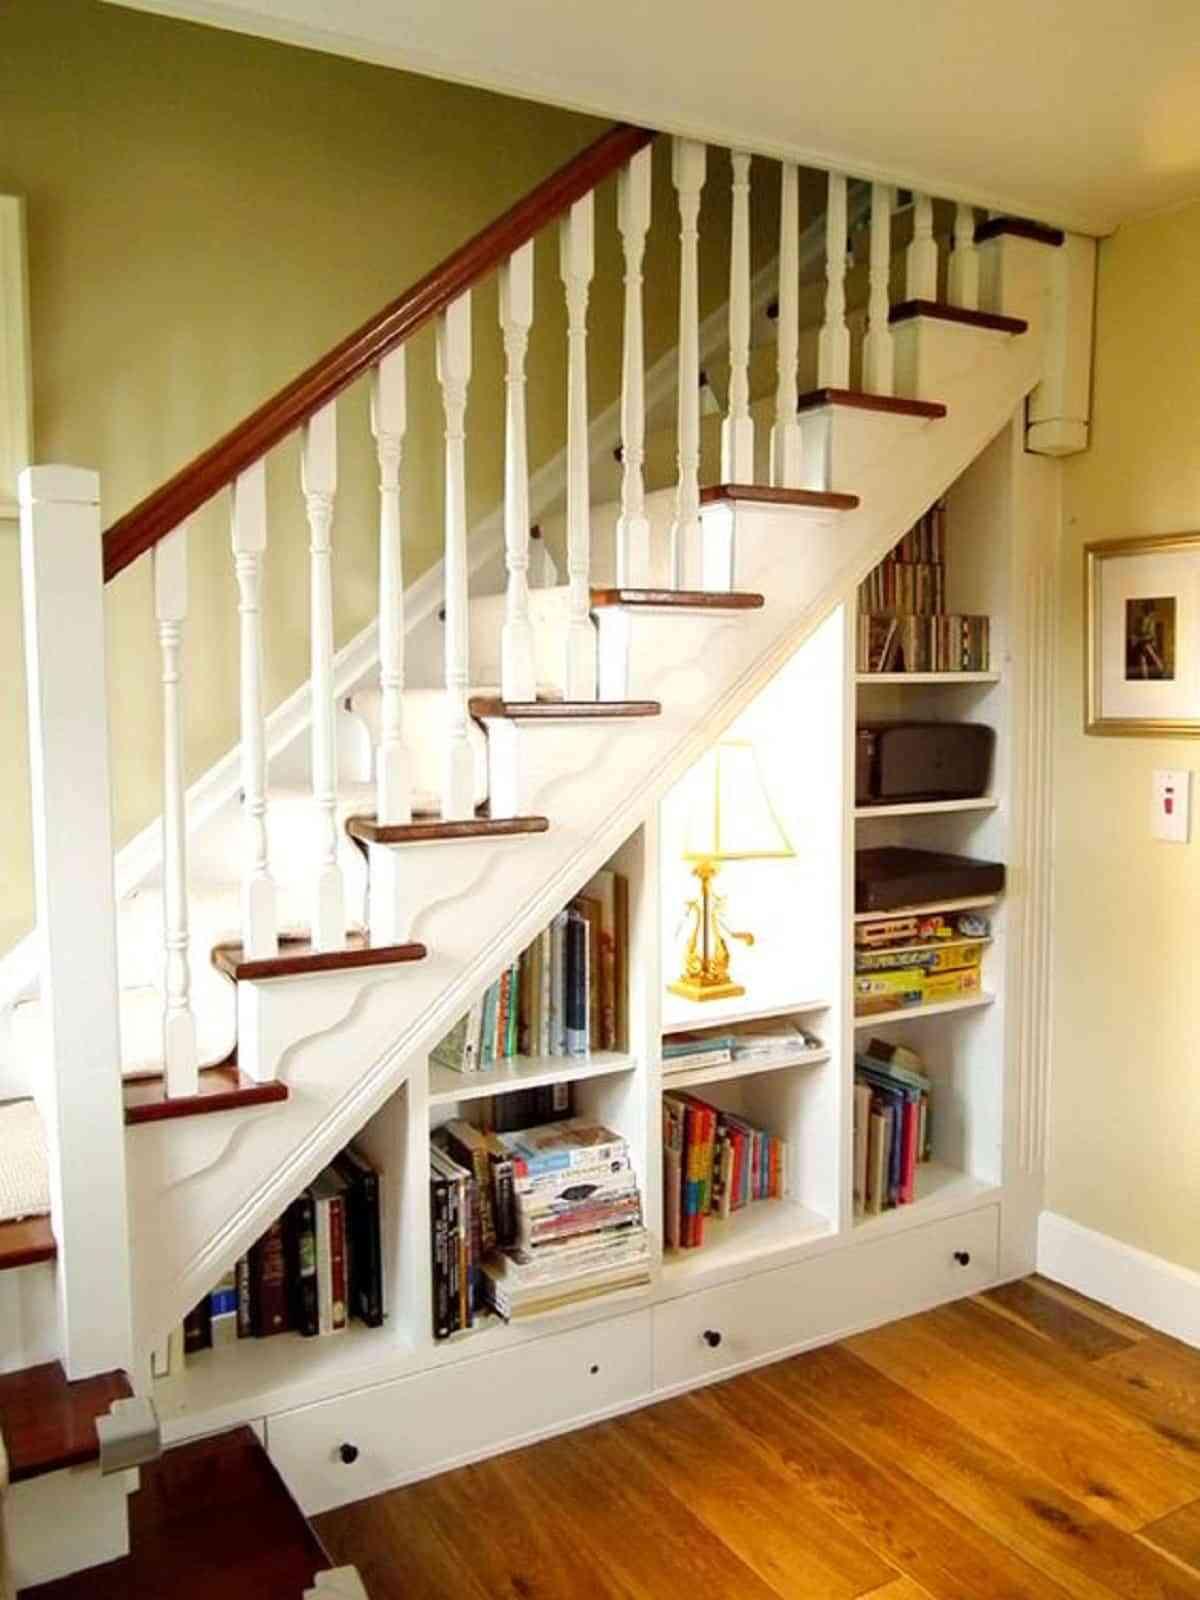 Fuente: http://heritagecarpentrycompany.com